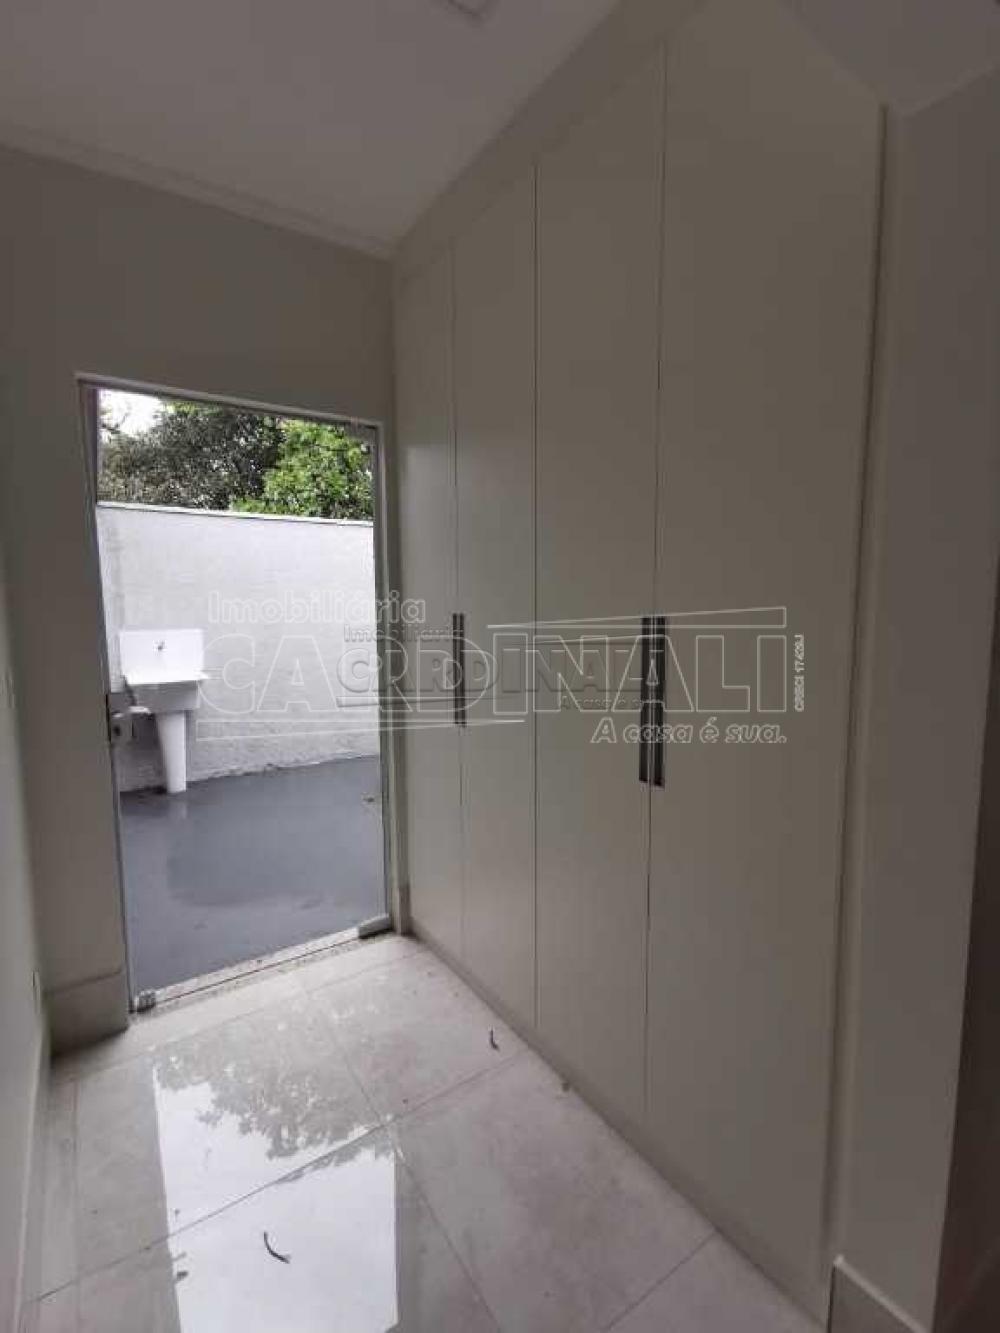 Alugar Comercial / Sala sem Condomínio em Araraquara apenas R$ 1.000,00 - Foto 14